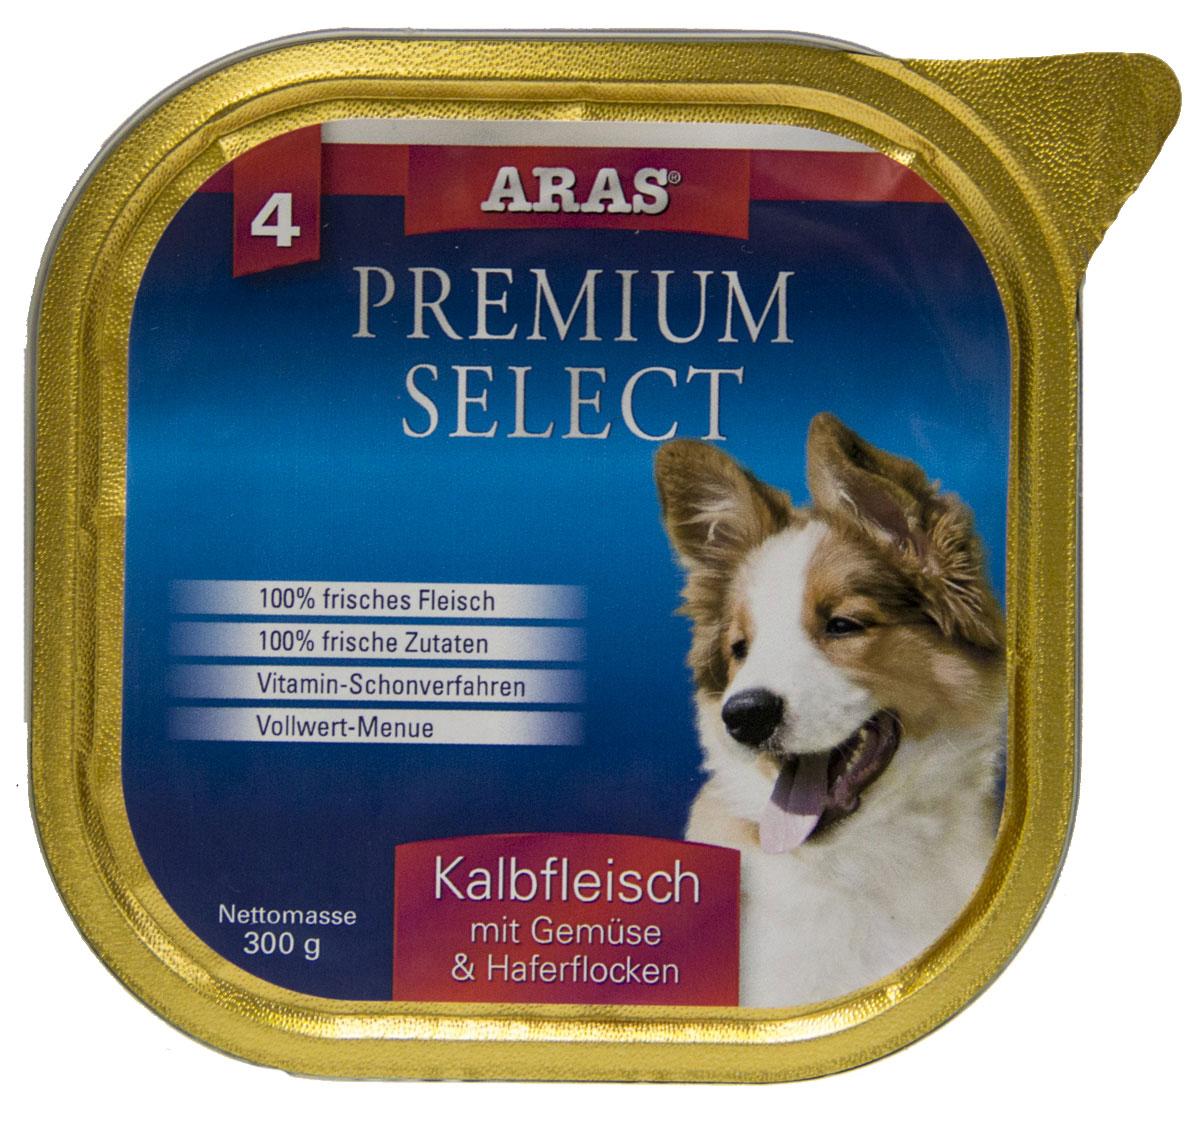 Консервы Aras Premium Select, для собак, с телятиной, овощами и овсяными хлопьями, 195 г101204Повседневный консервированный корм для собак всех пород и всех возрастов. Корм произведен в Германии из продуктов, пригодных в пищу человека по специальной технологии схожей с технологией Sous Vide. Благодаря уникальной технологии, схожей с технологий Souse Vide, при изготовлении сохраняются все натуральные витамины и минералы. Это достигается благодаря бережной обработке всех ингредиентов при температуре менее 80 градусов. Такая бережная обработка продуктов не стерилизует продуктовые компоненты. Благодаря этому корма не нуждаются ни в каких дополнительных вкусовых добавках и сохраняют все необходимые полезные вещества. При производстве кормов используются исключительно свежие натуральные продукты: мясо, овощи и зерновые; Приготовлено из 100% свежего мяса, пригодного в пищу человеку; Содержит натуральные витамины, аминокислоты, минеральные вещества и микроэлементы; С экстрактом масла зародышей зерна пшеницы холодного отжима (Bio-Dura); Без химических...